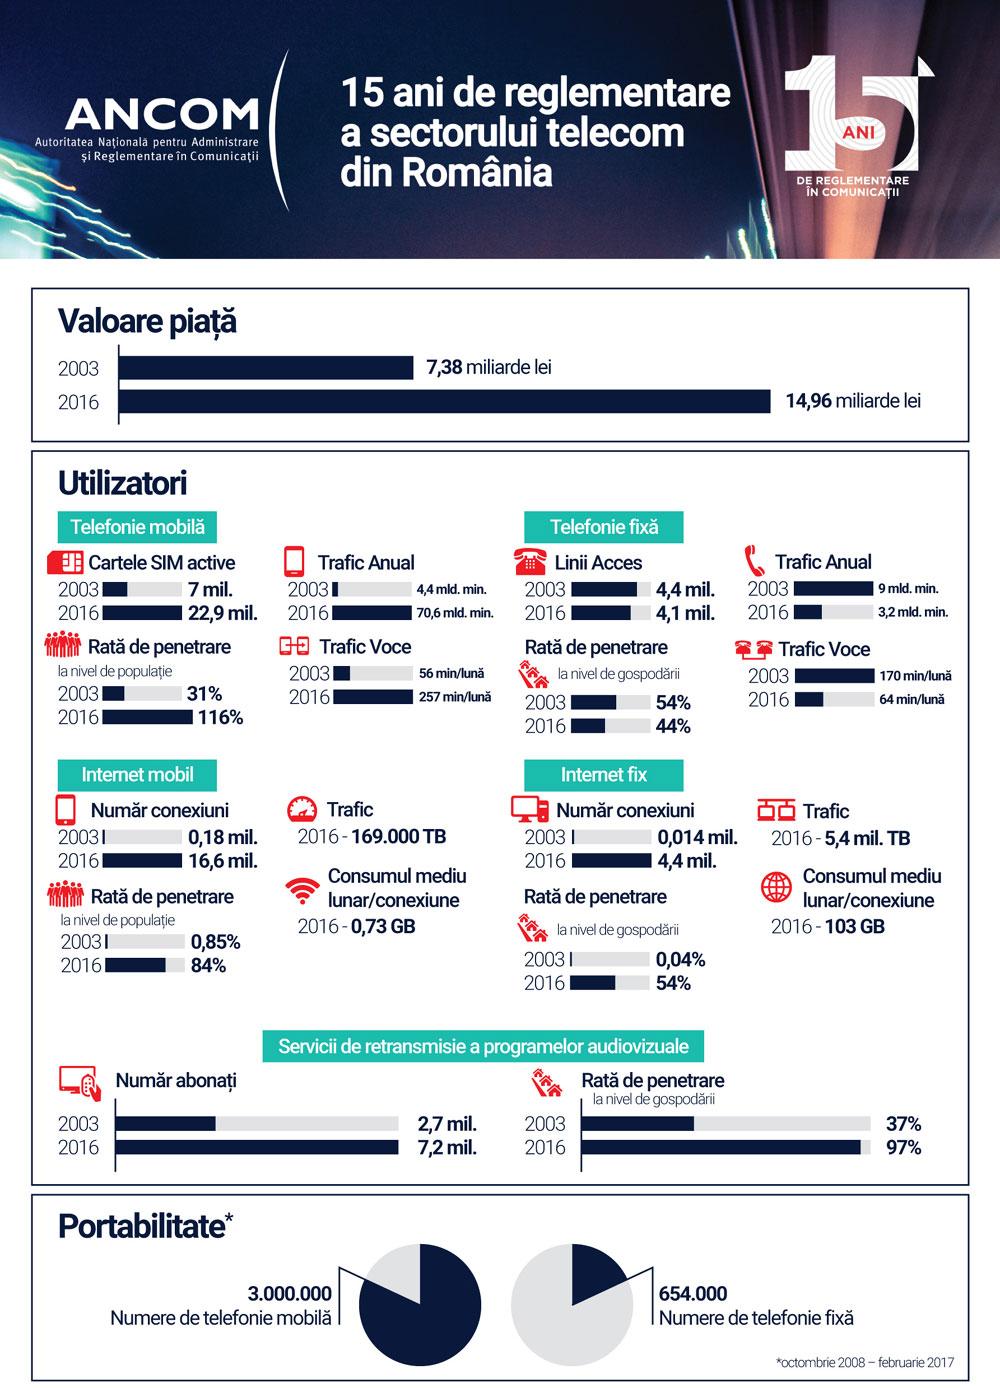 ANCOM, Infografic, 15 ani de reglementare independenta a pietei de comunicatii din Romania